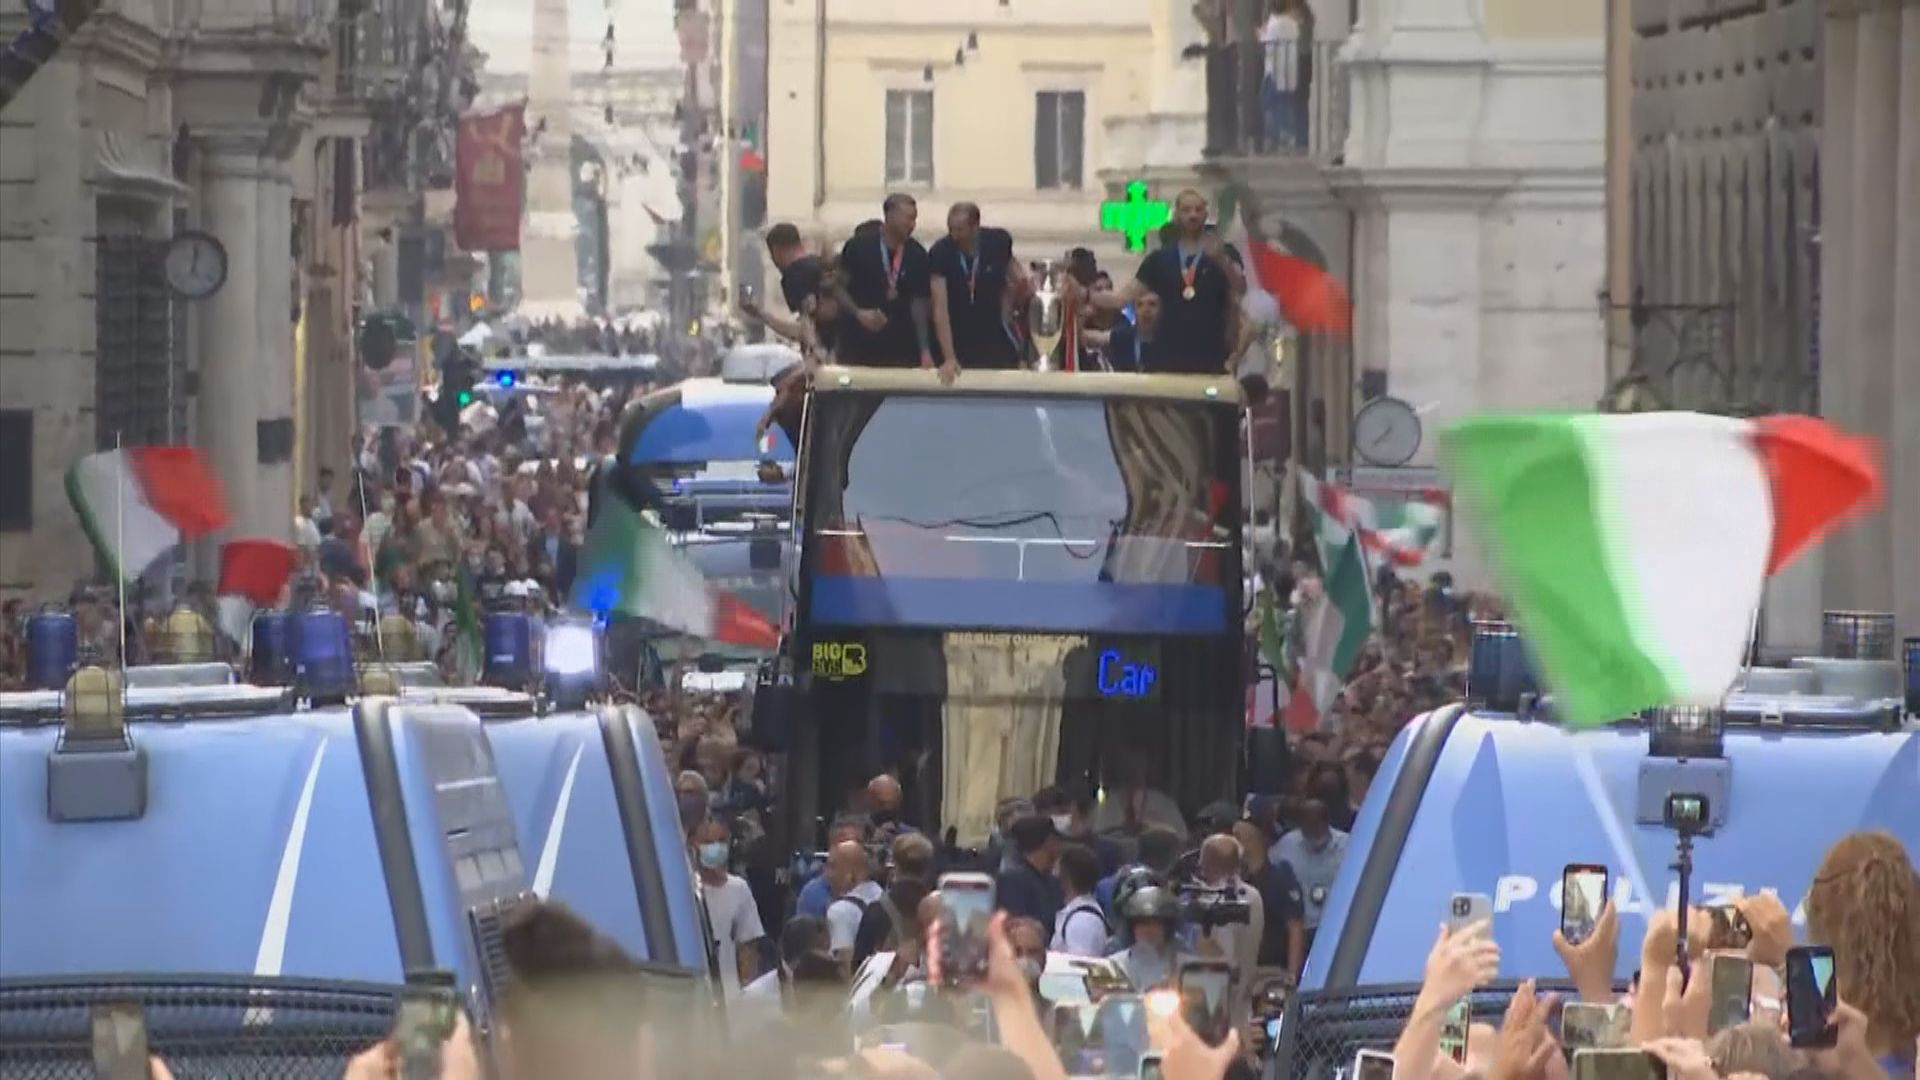 歐國盃盟主意大利羅馬舉行勝利巡遊 獲總統及總理接見